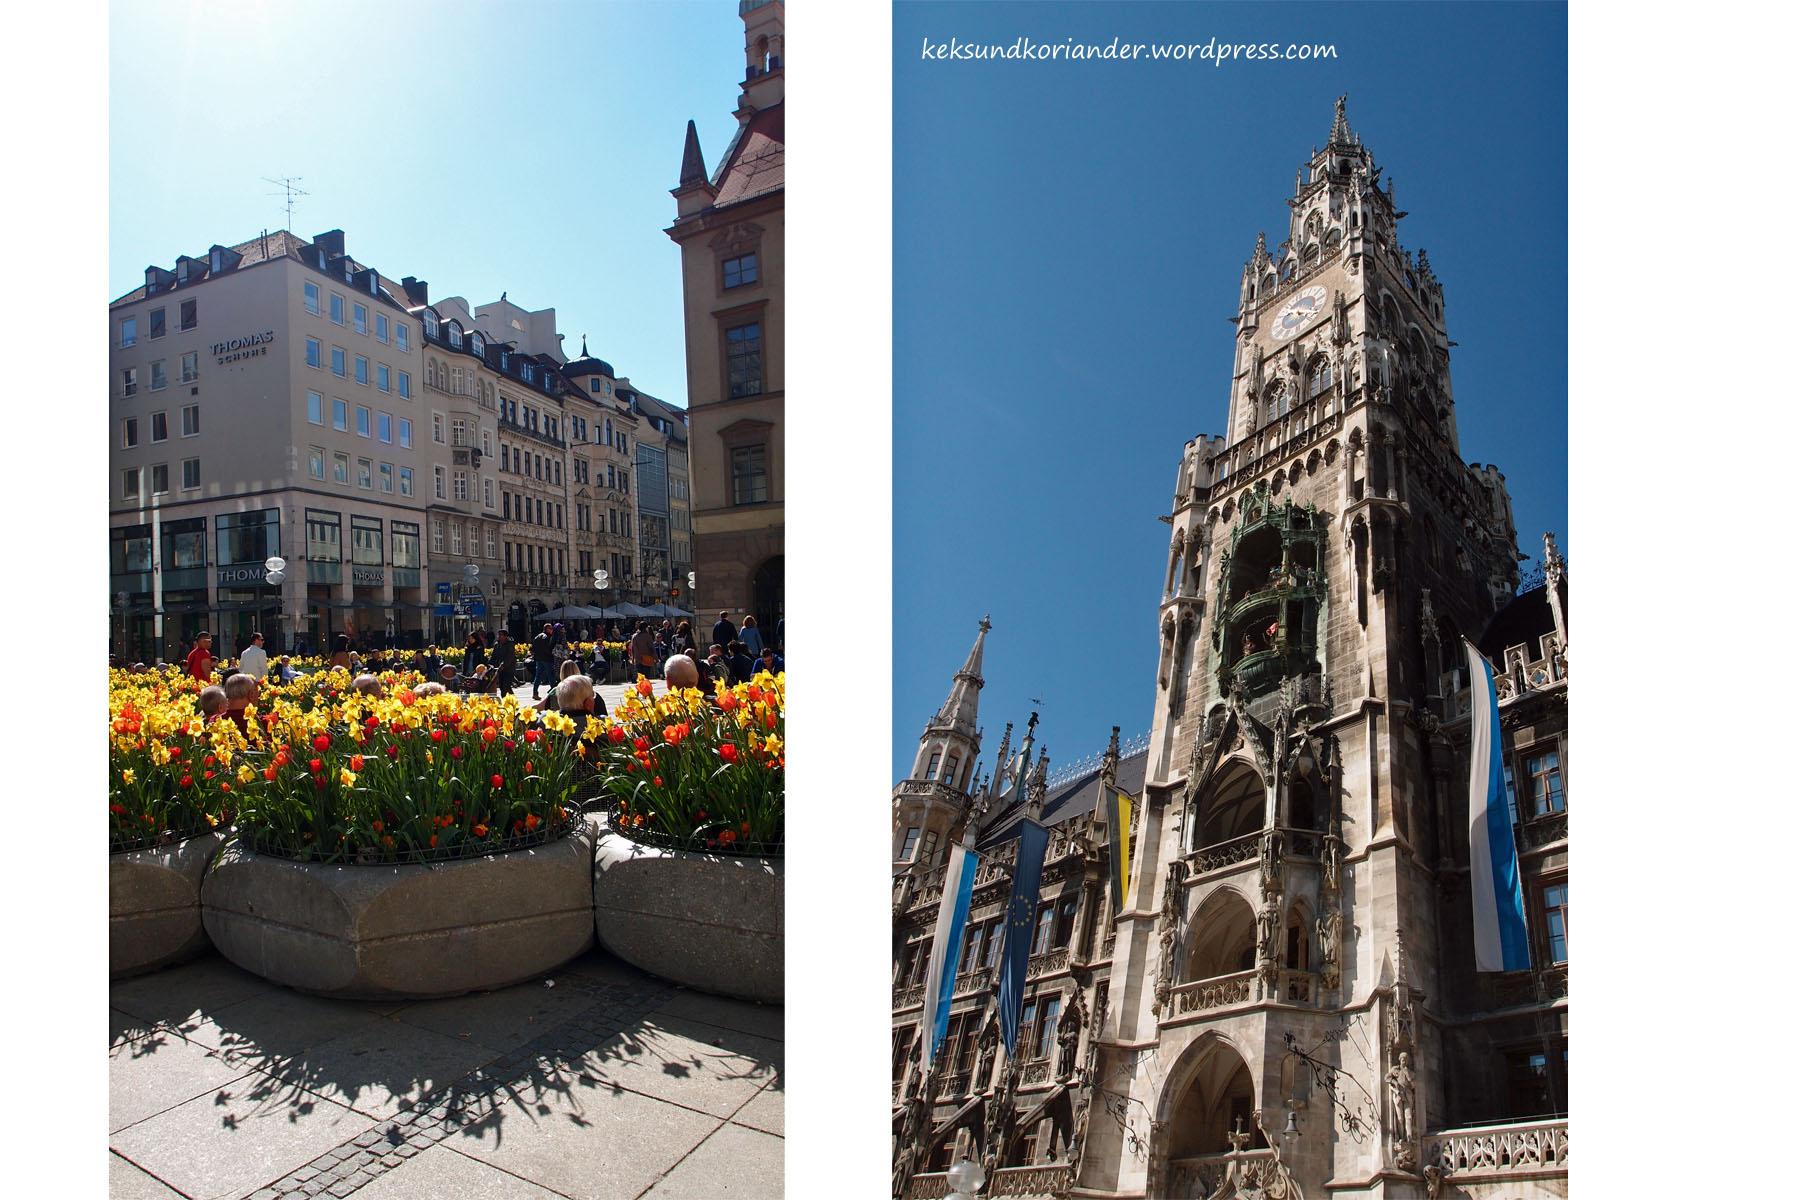 München Rathaus glockenspiel